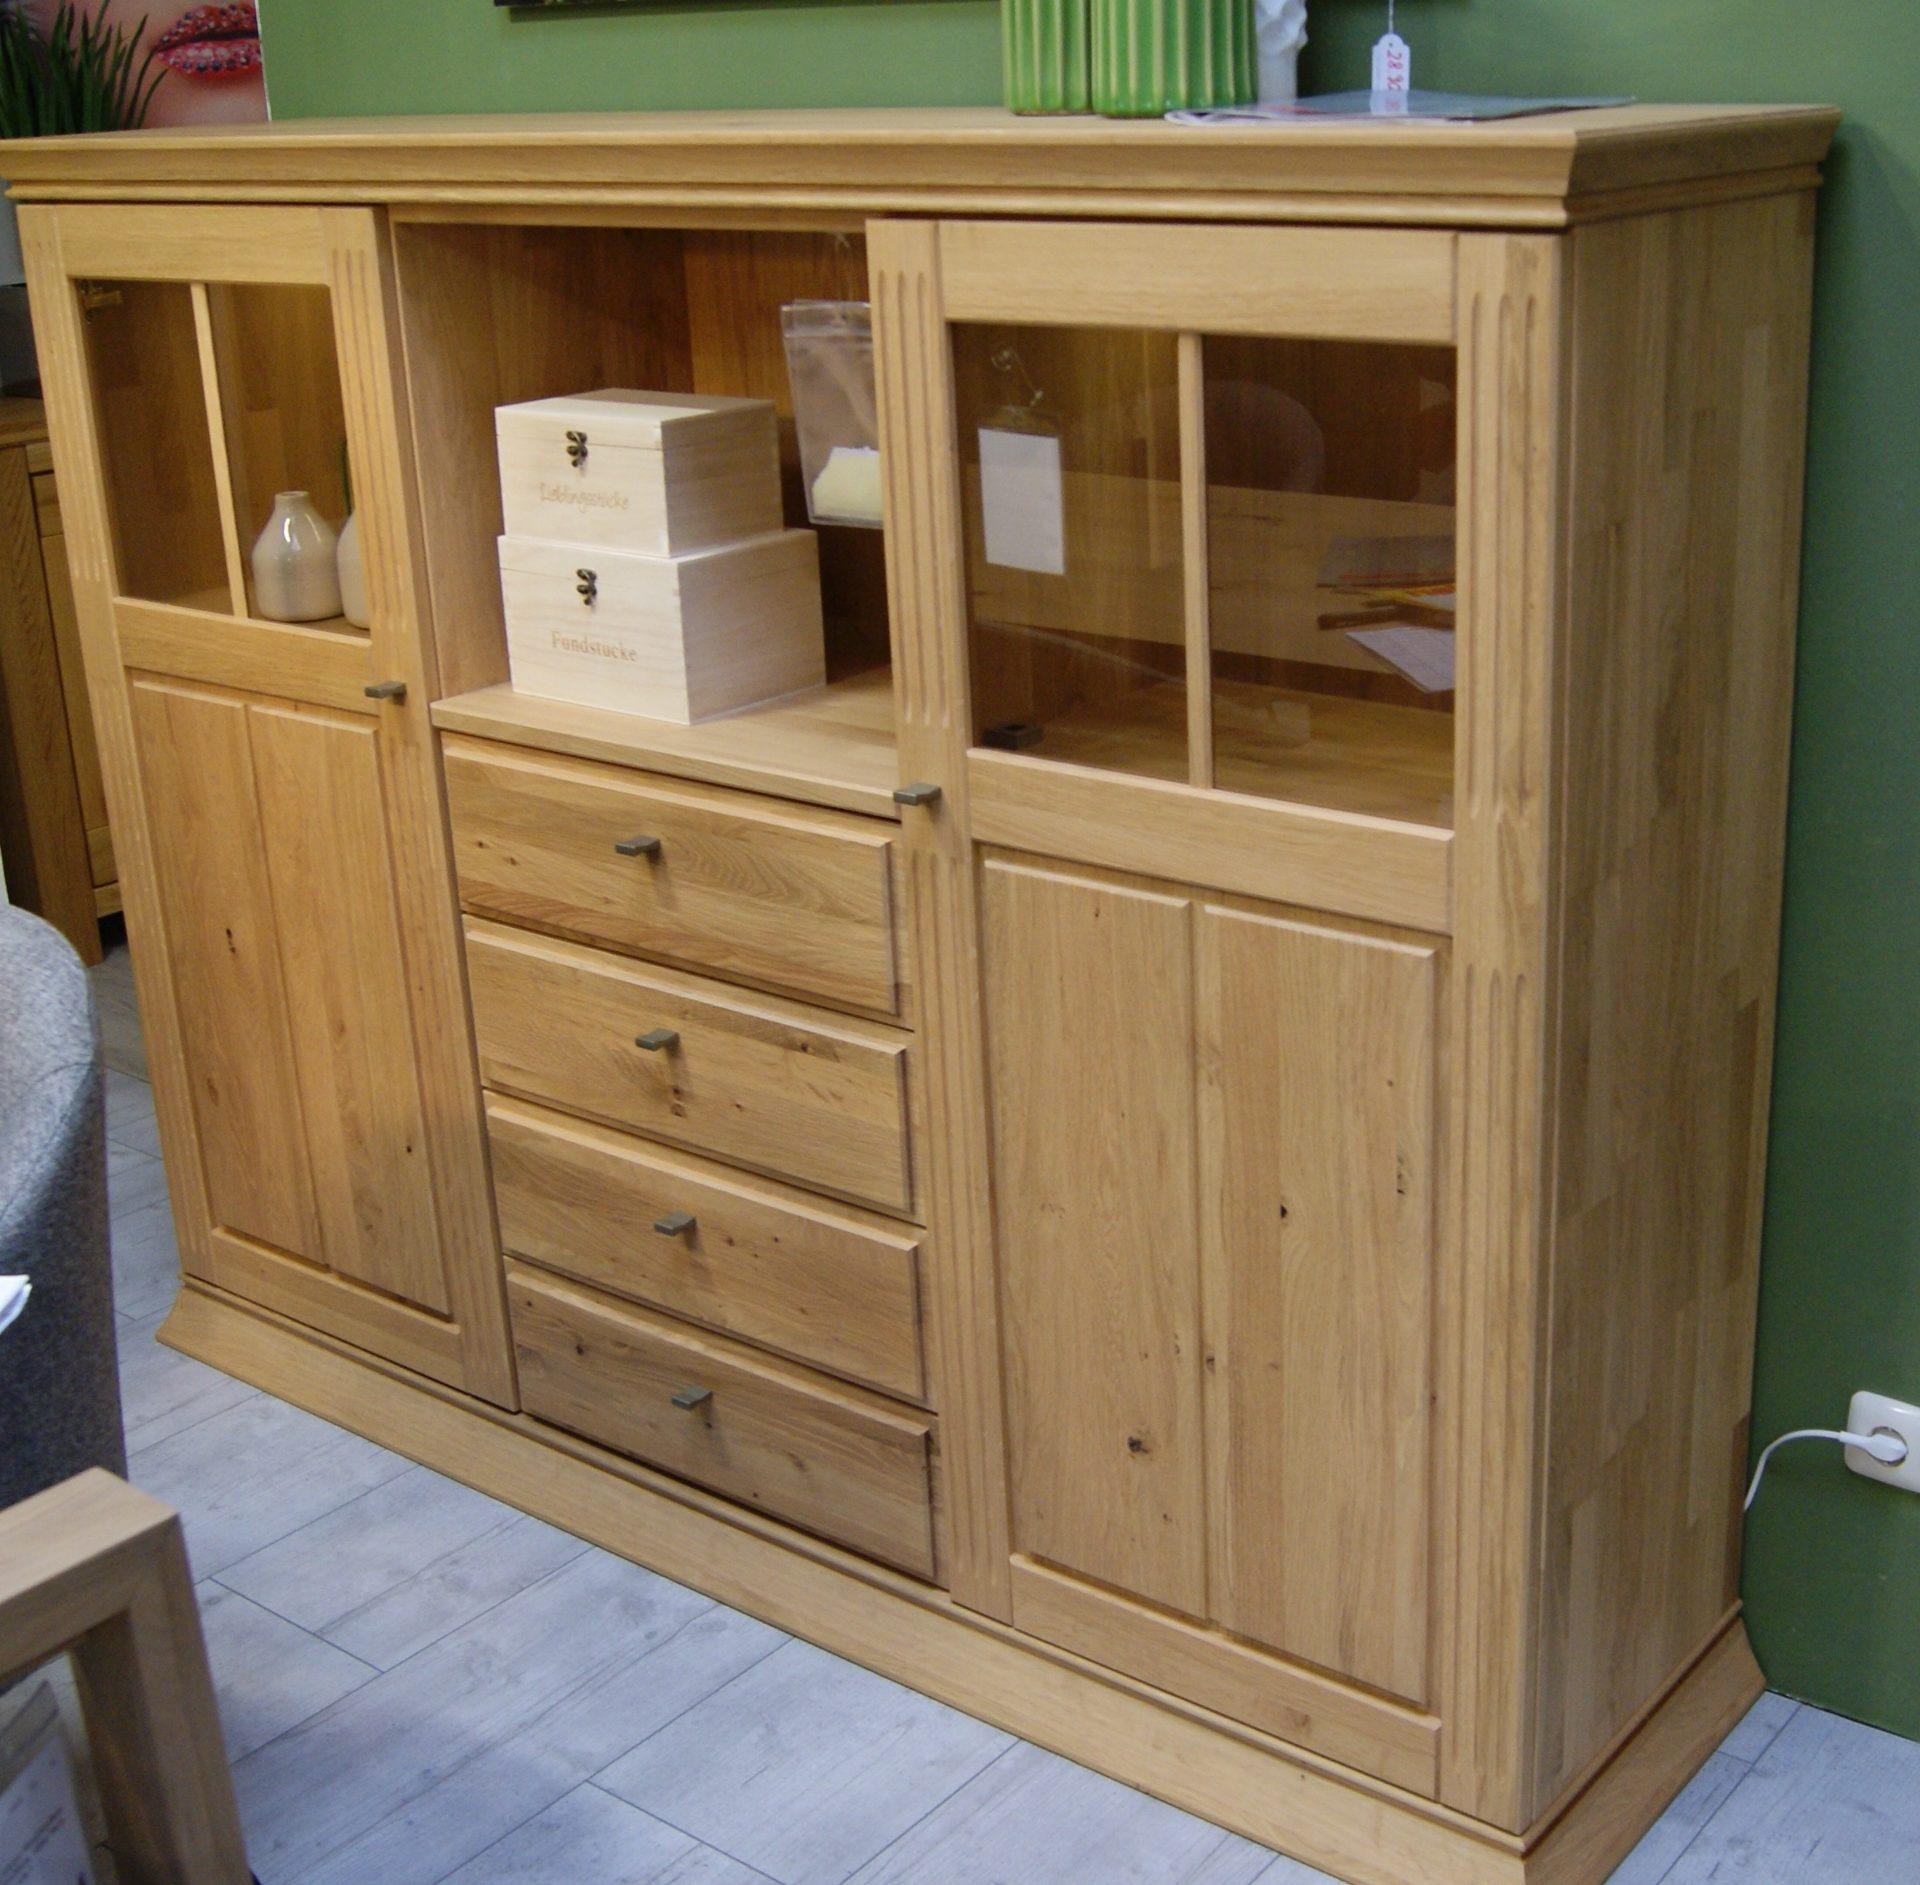 Möbel Busch Räume Wohnzimmer Kommoden Sideboards Möbel Busch